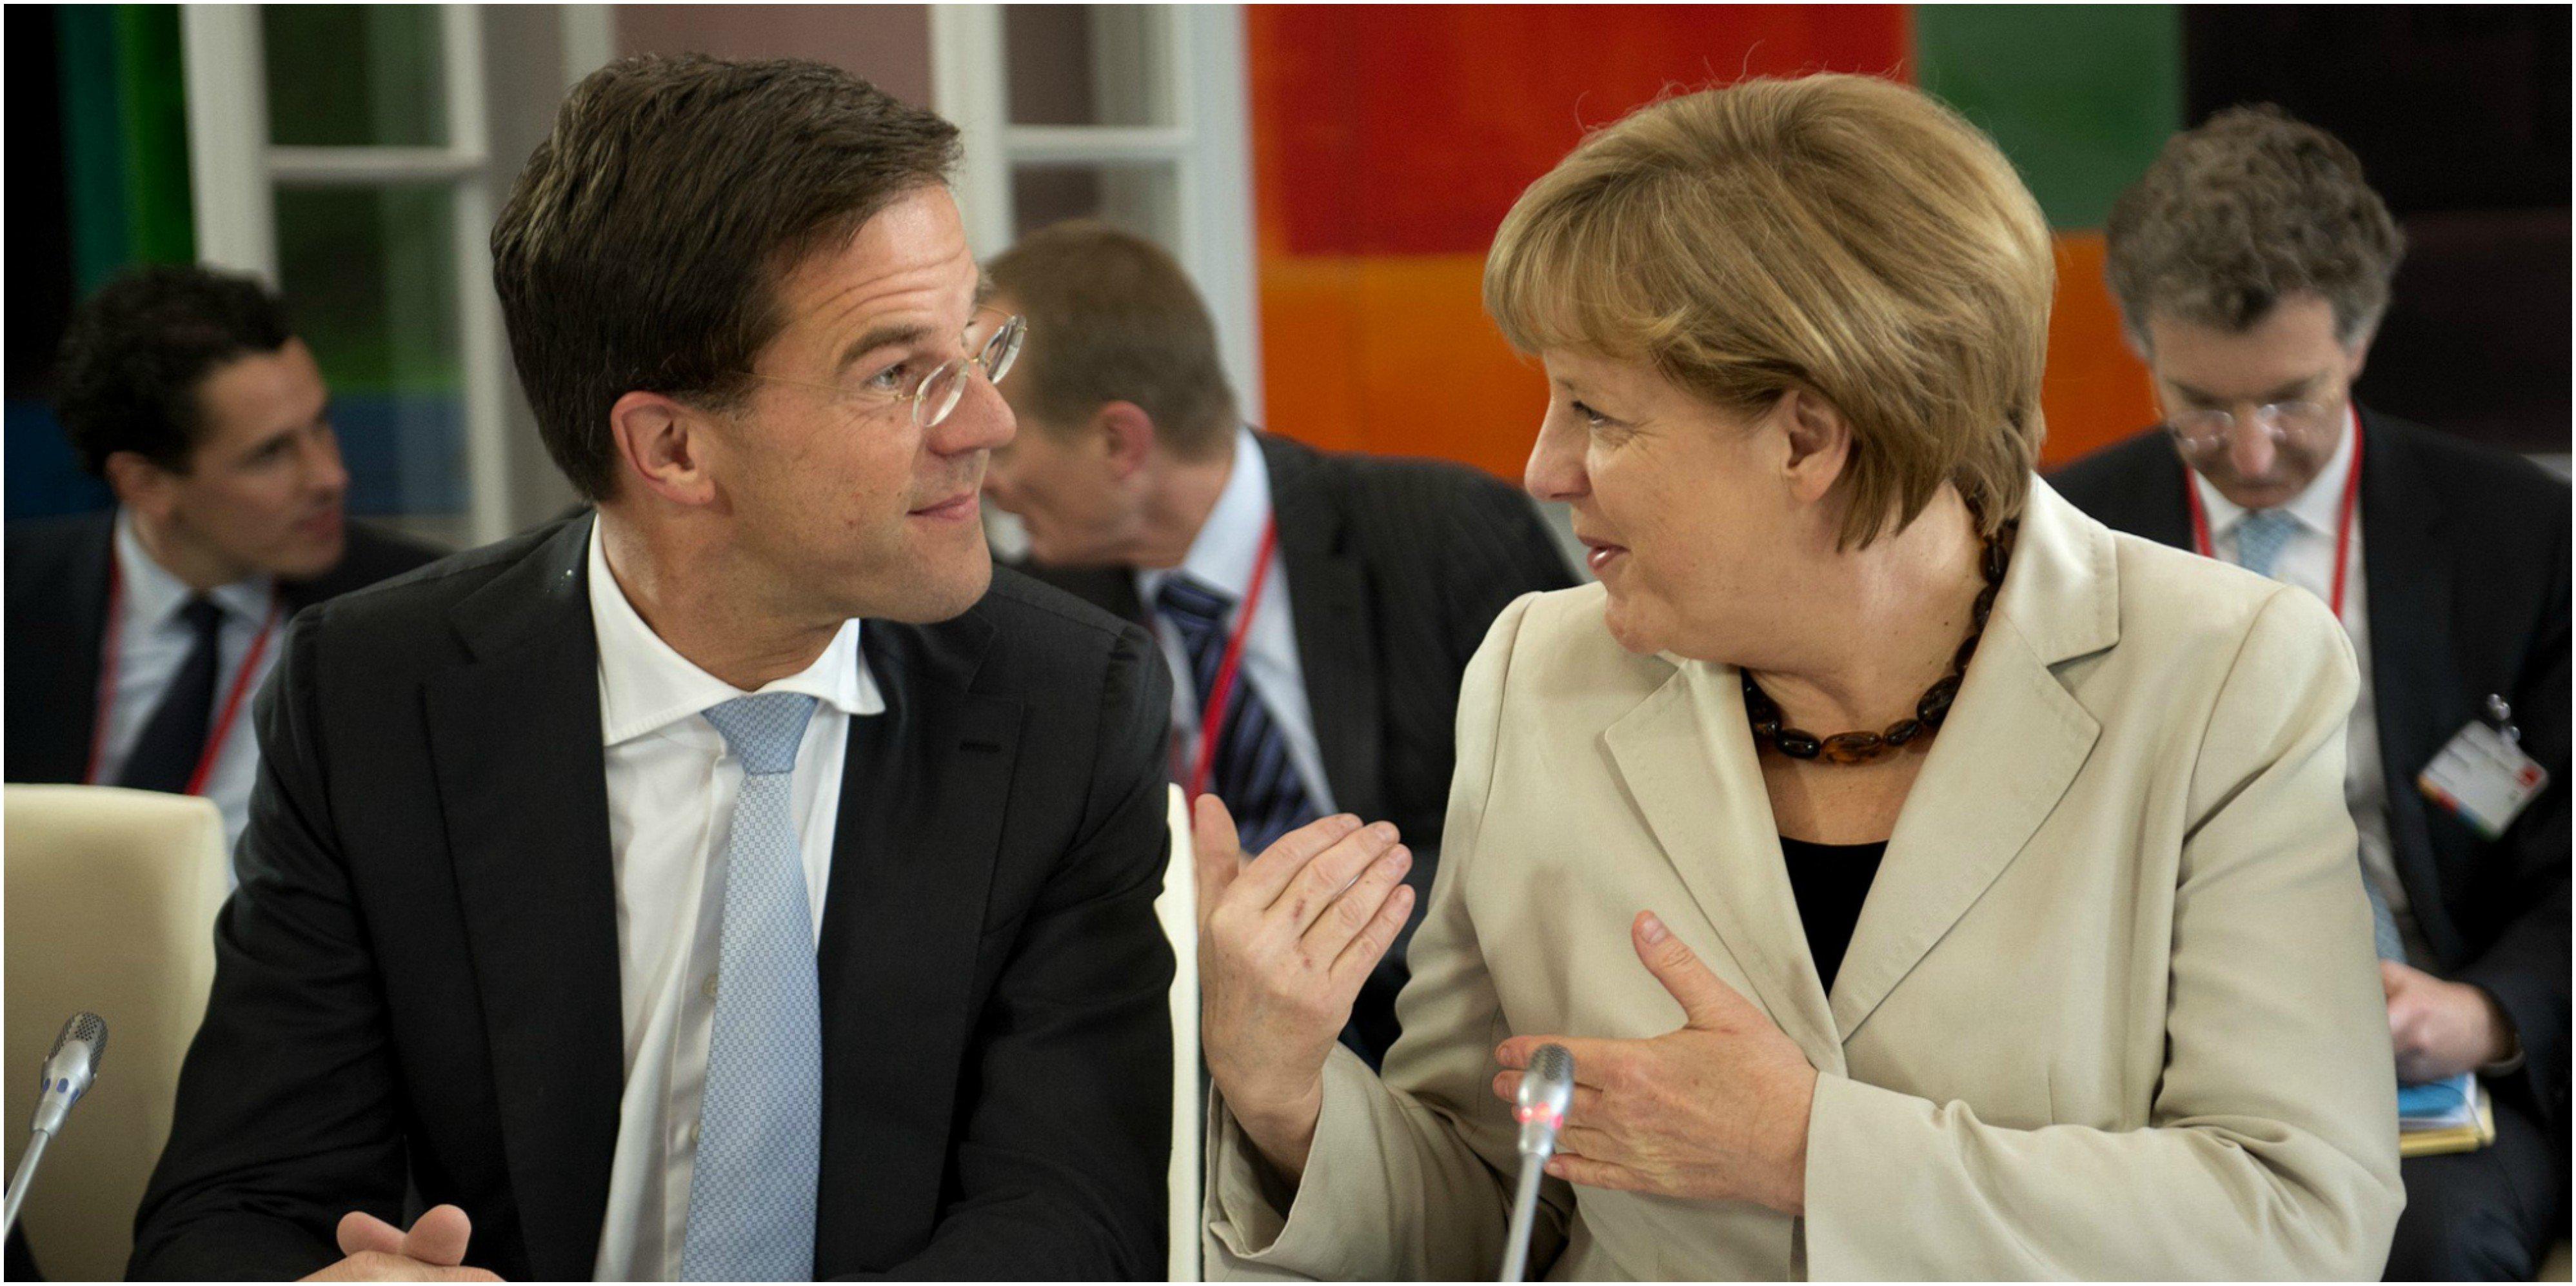 La canciller alemana, Angela Merkel y el primer ministro holandés, Mark Rutte